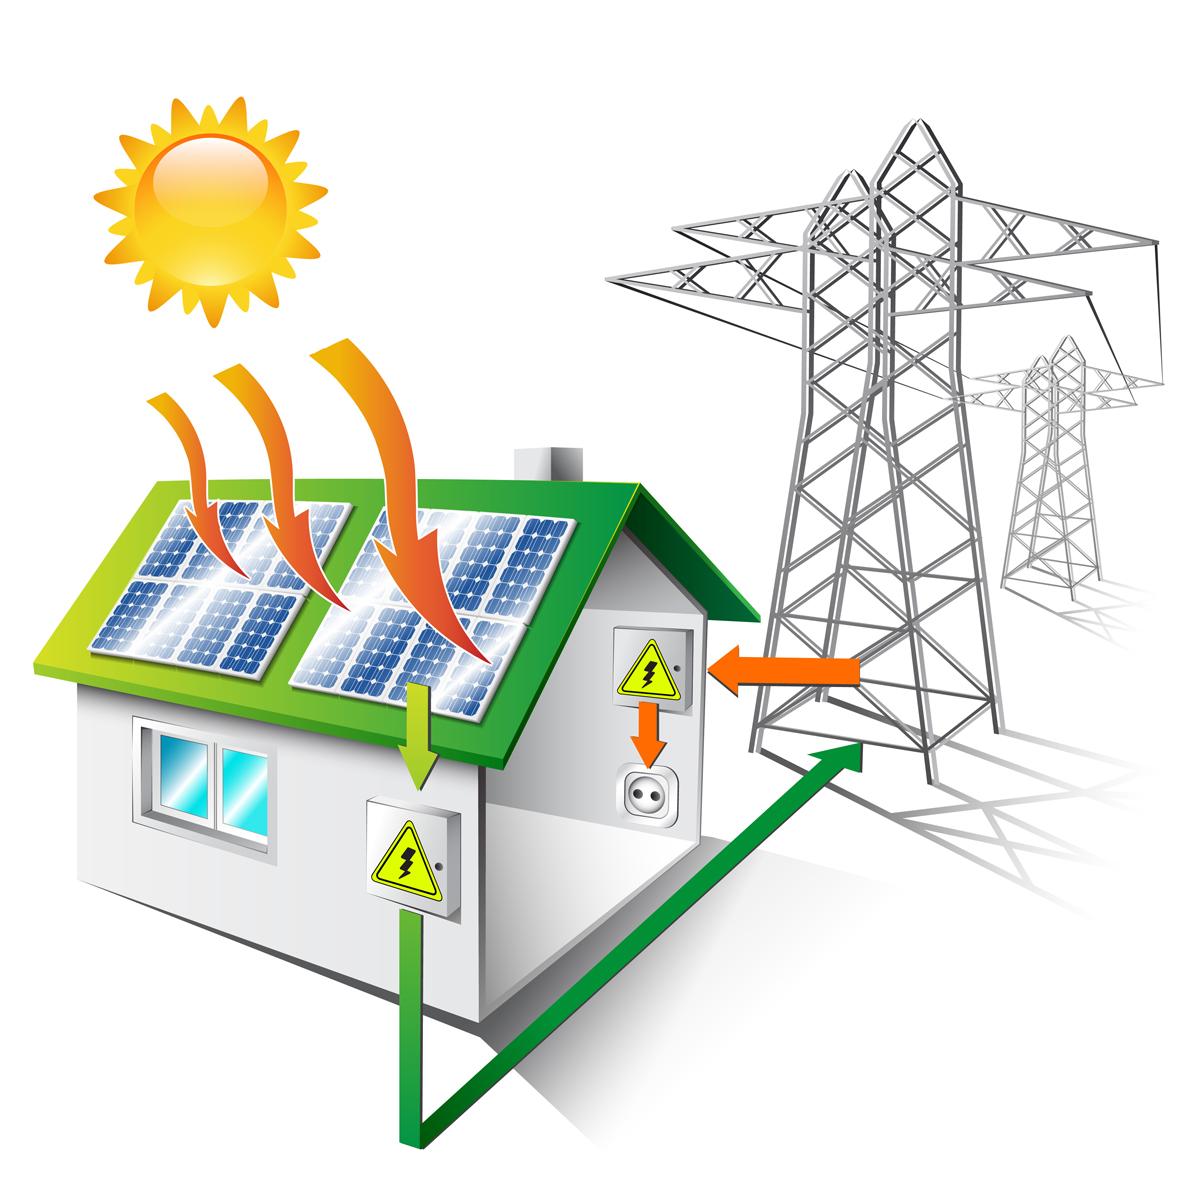 solar power diagram how it works vauxhall zafira fuse box 2007 generación distribuida de energía eléctrica